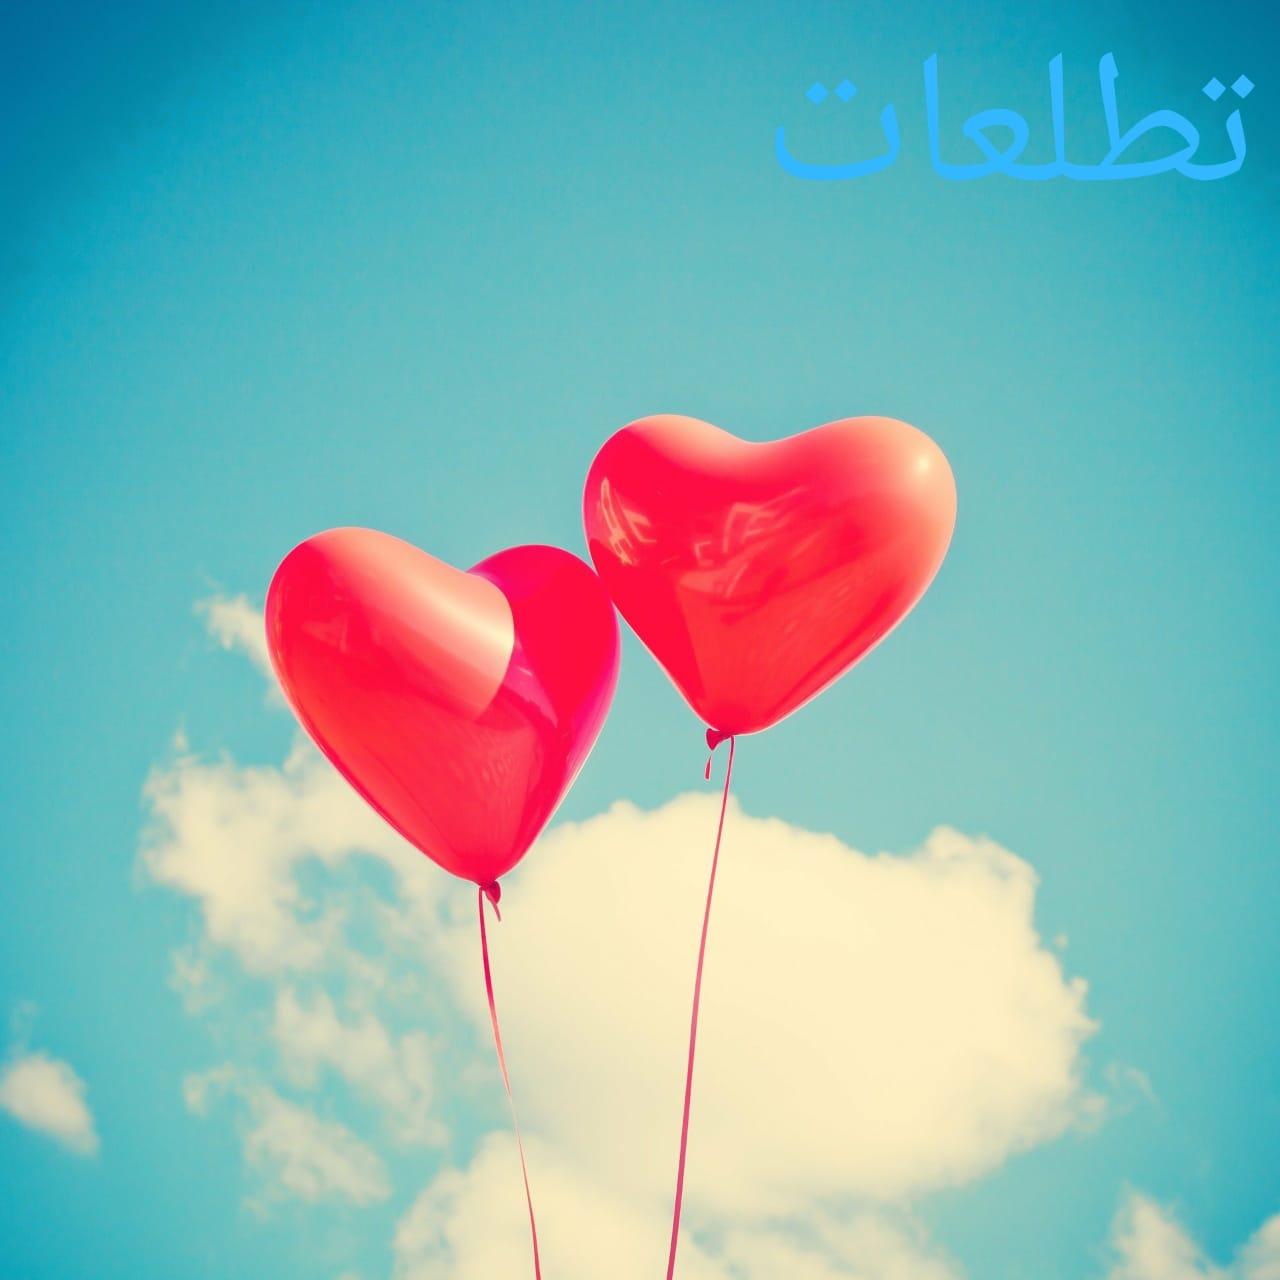 لغات الحب هي طرقك أو أساليبك في التعبير عن الحب، سواء كنت رجل أو إمرأة، فلغة الحب هي طريقتك في التعبير عن حبك للطرف الأخر